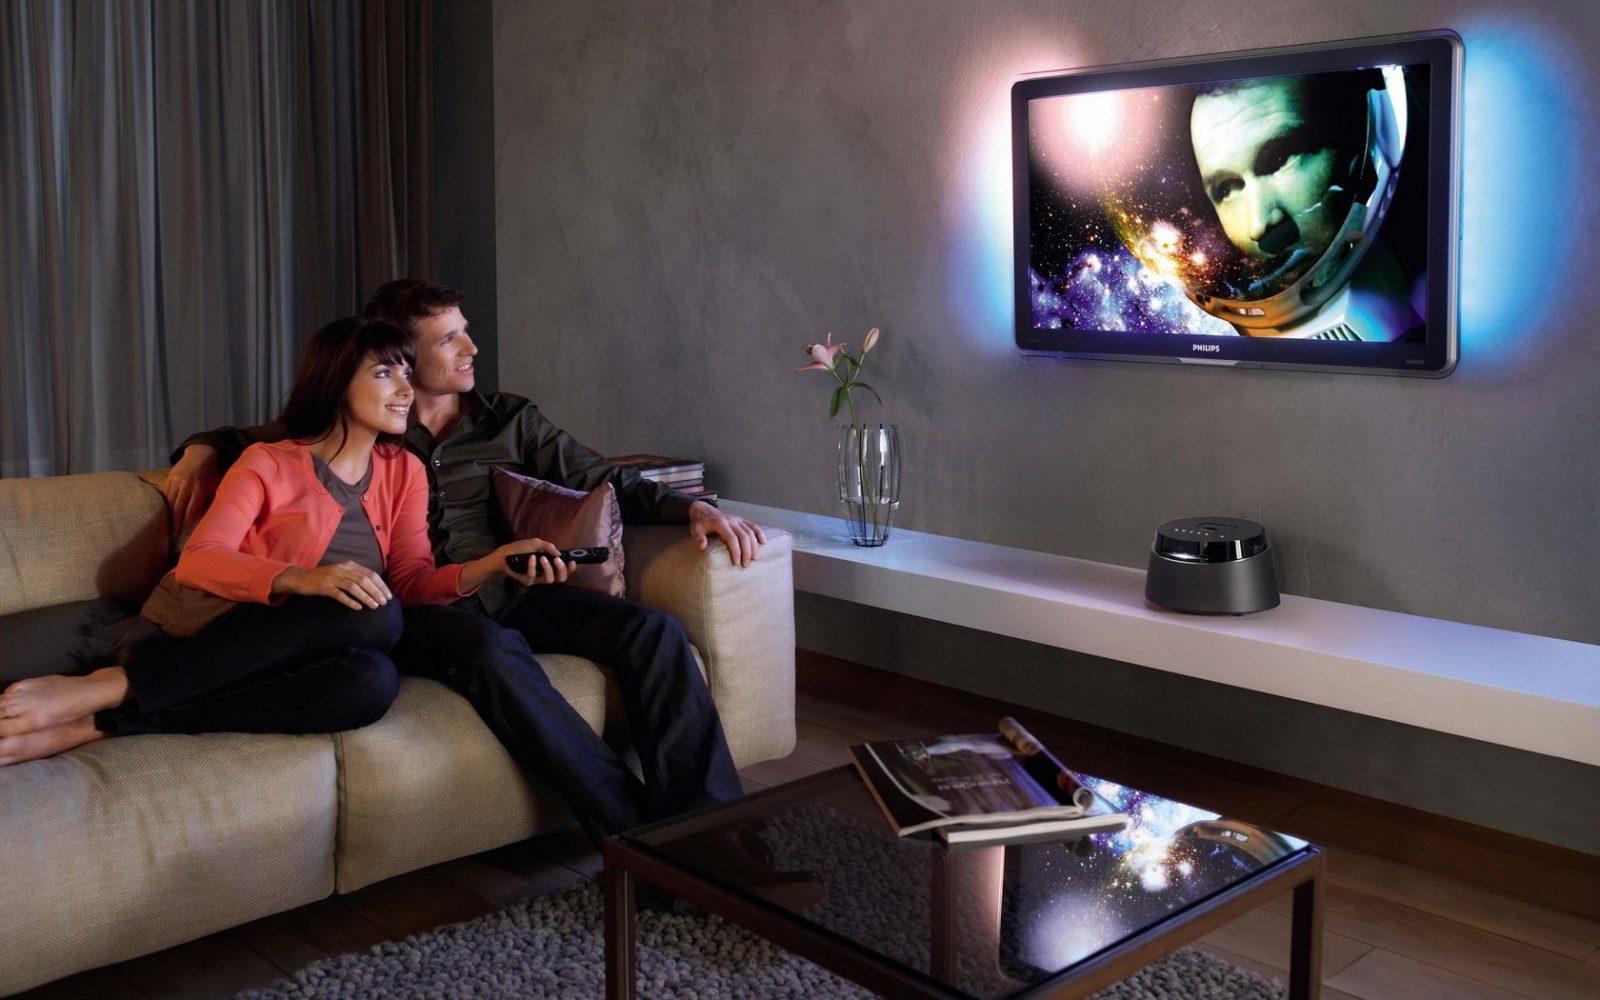 Мужчина и женщина сидят на диване и смотрят телевизор